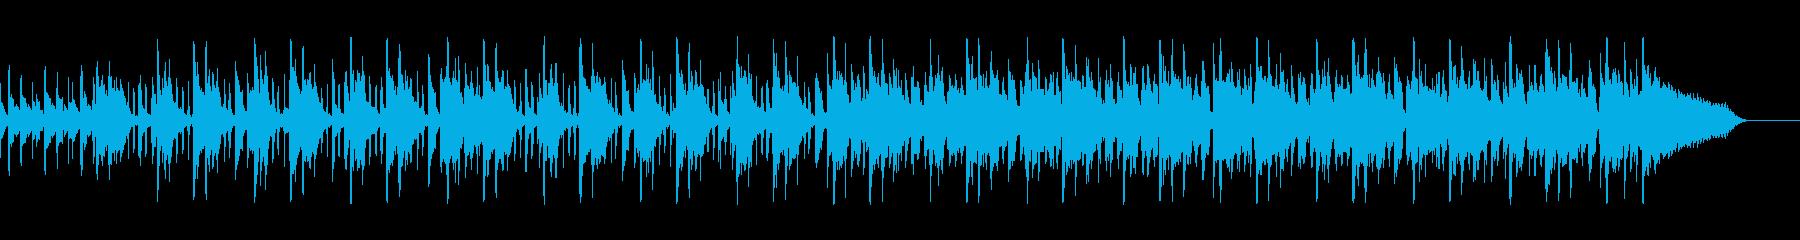 カッティングリフの曲です。の再生済みの波形